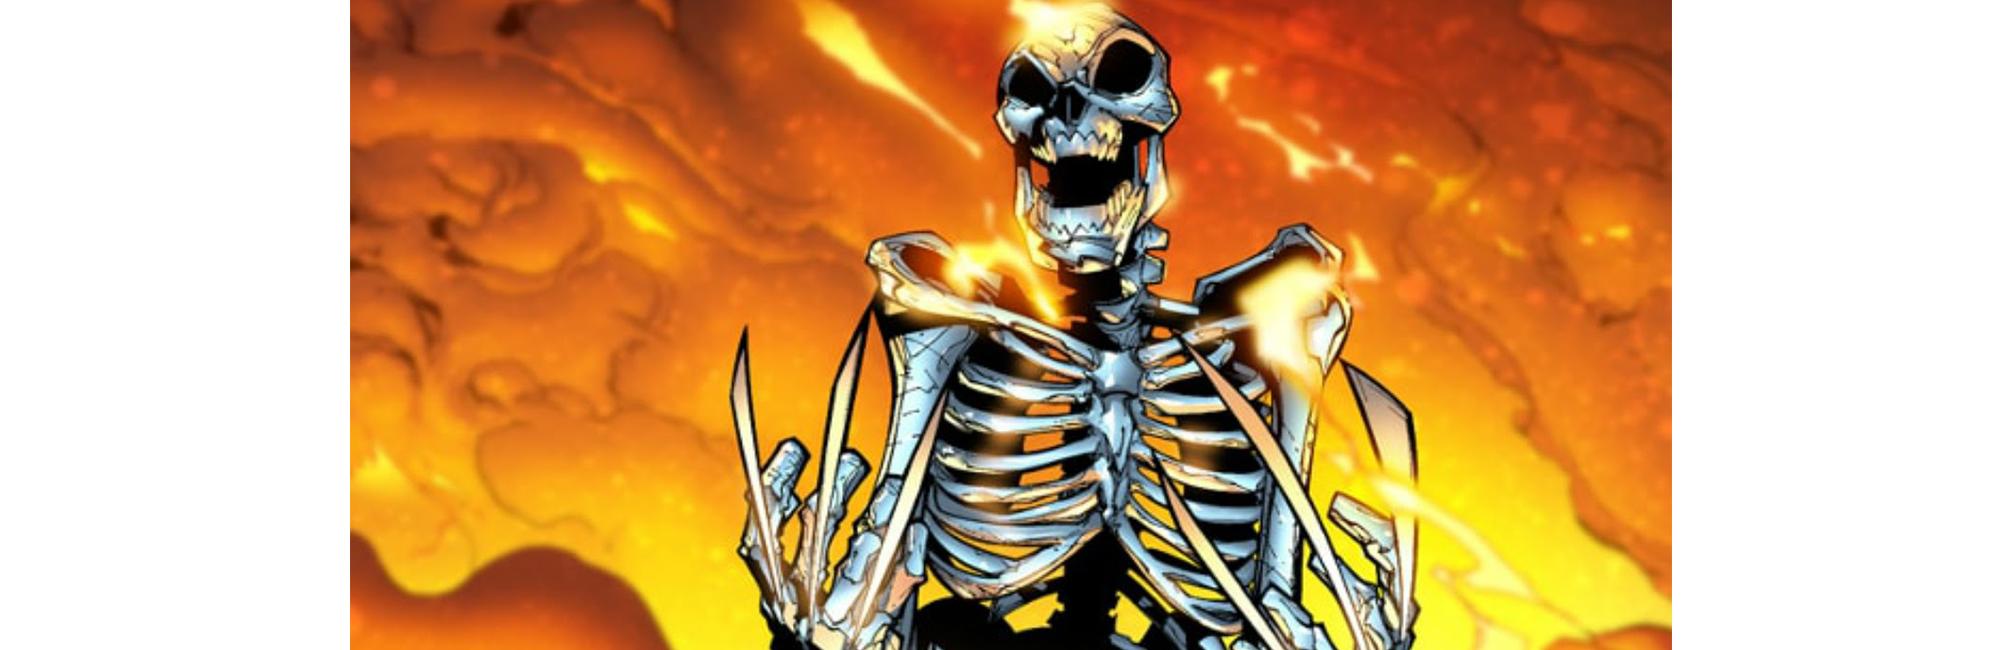 Thứ nhất, khối lượng xương tăng lên khiến mô mềm giữa các xương bị chèn ép.  Suy ra các khớp xương sẽ thô ráp khô cứng và khó cử động và dẫn ...